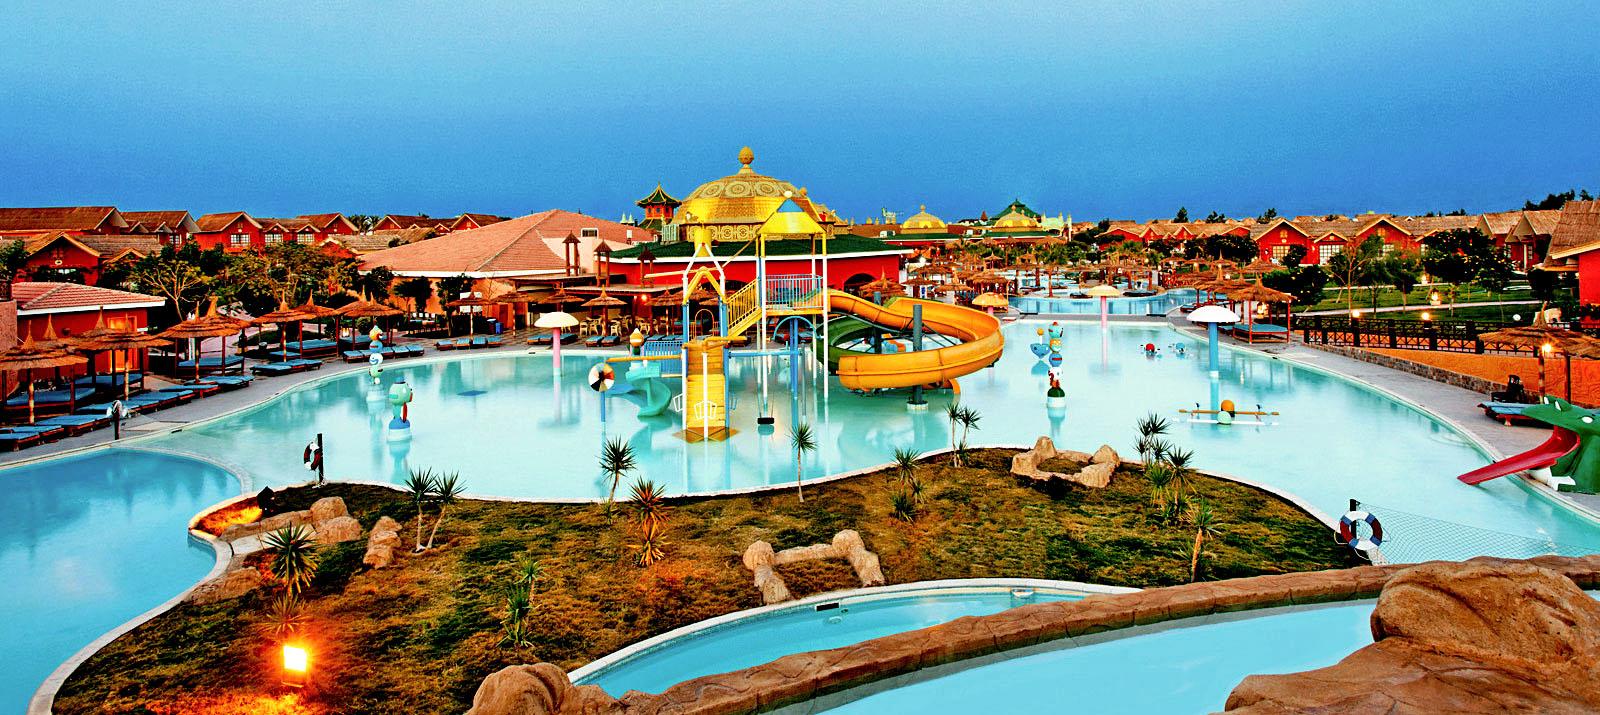 Im Albatros Aqua Park sind Fun und Action garantiert.